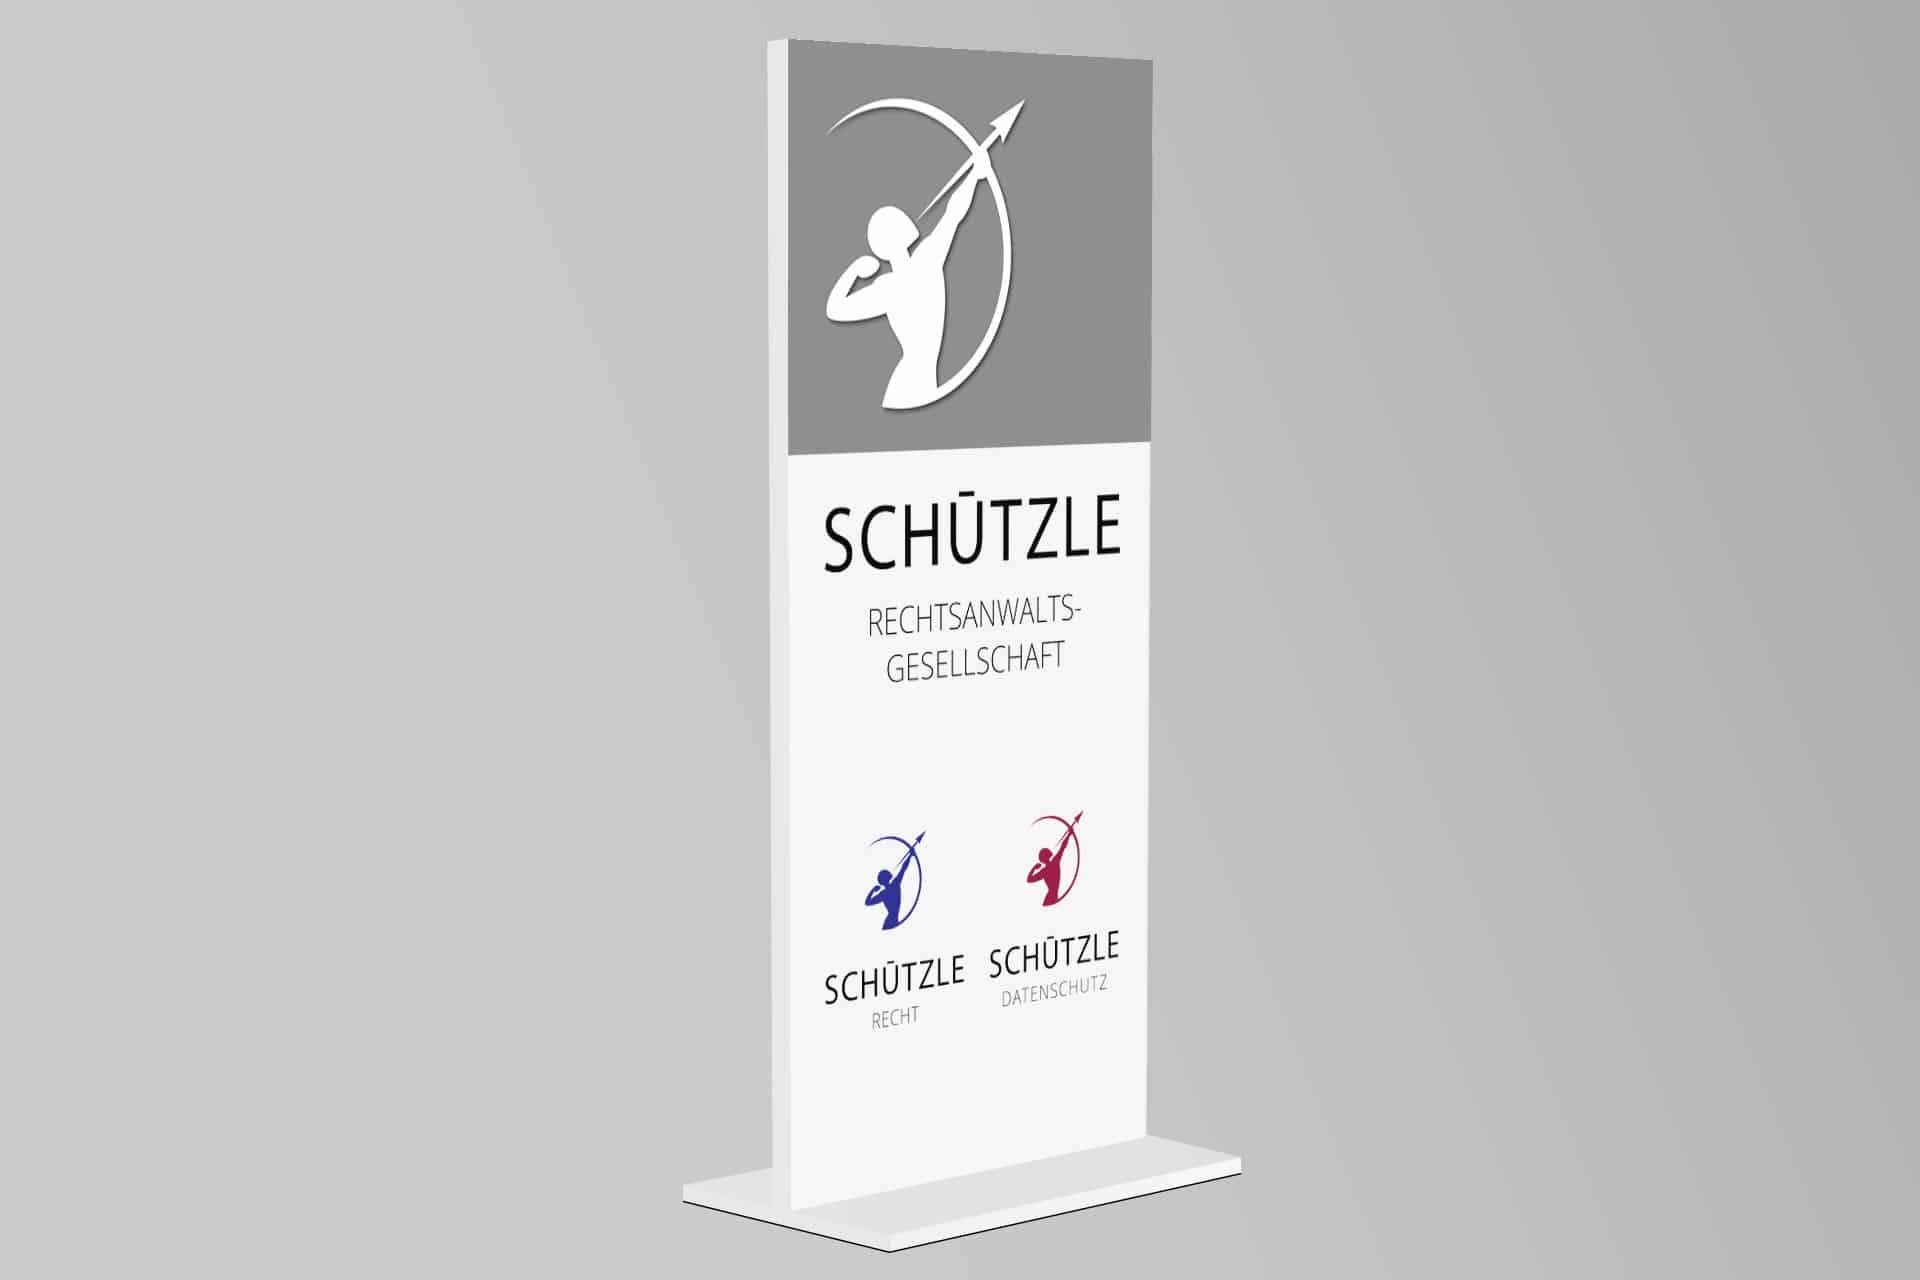 Firmenschild für das Rechtsanwaltsbüro Schützle in Heilbronn